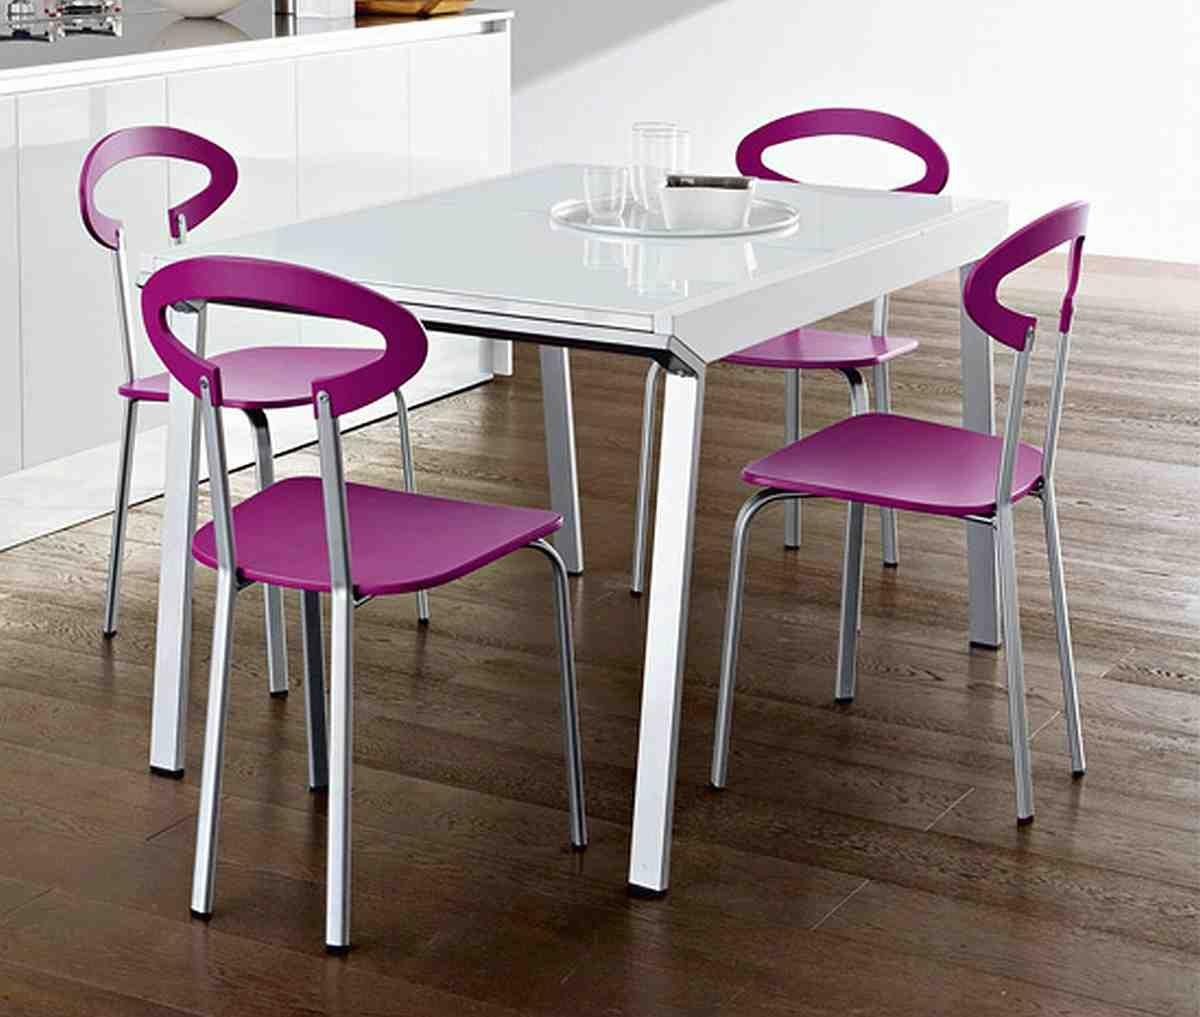 Galer a de im genes sillas de cocina - Sillas altas para cocina americana ...